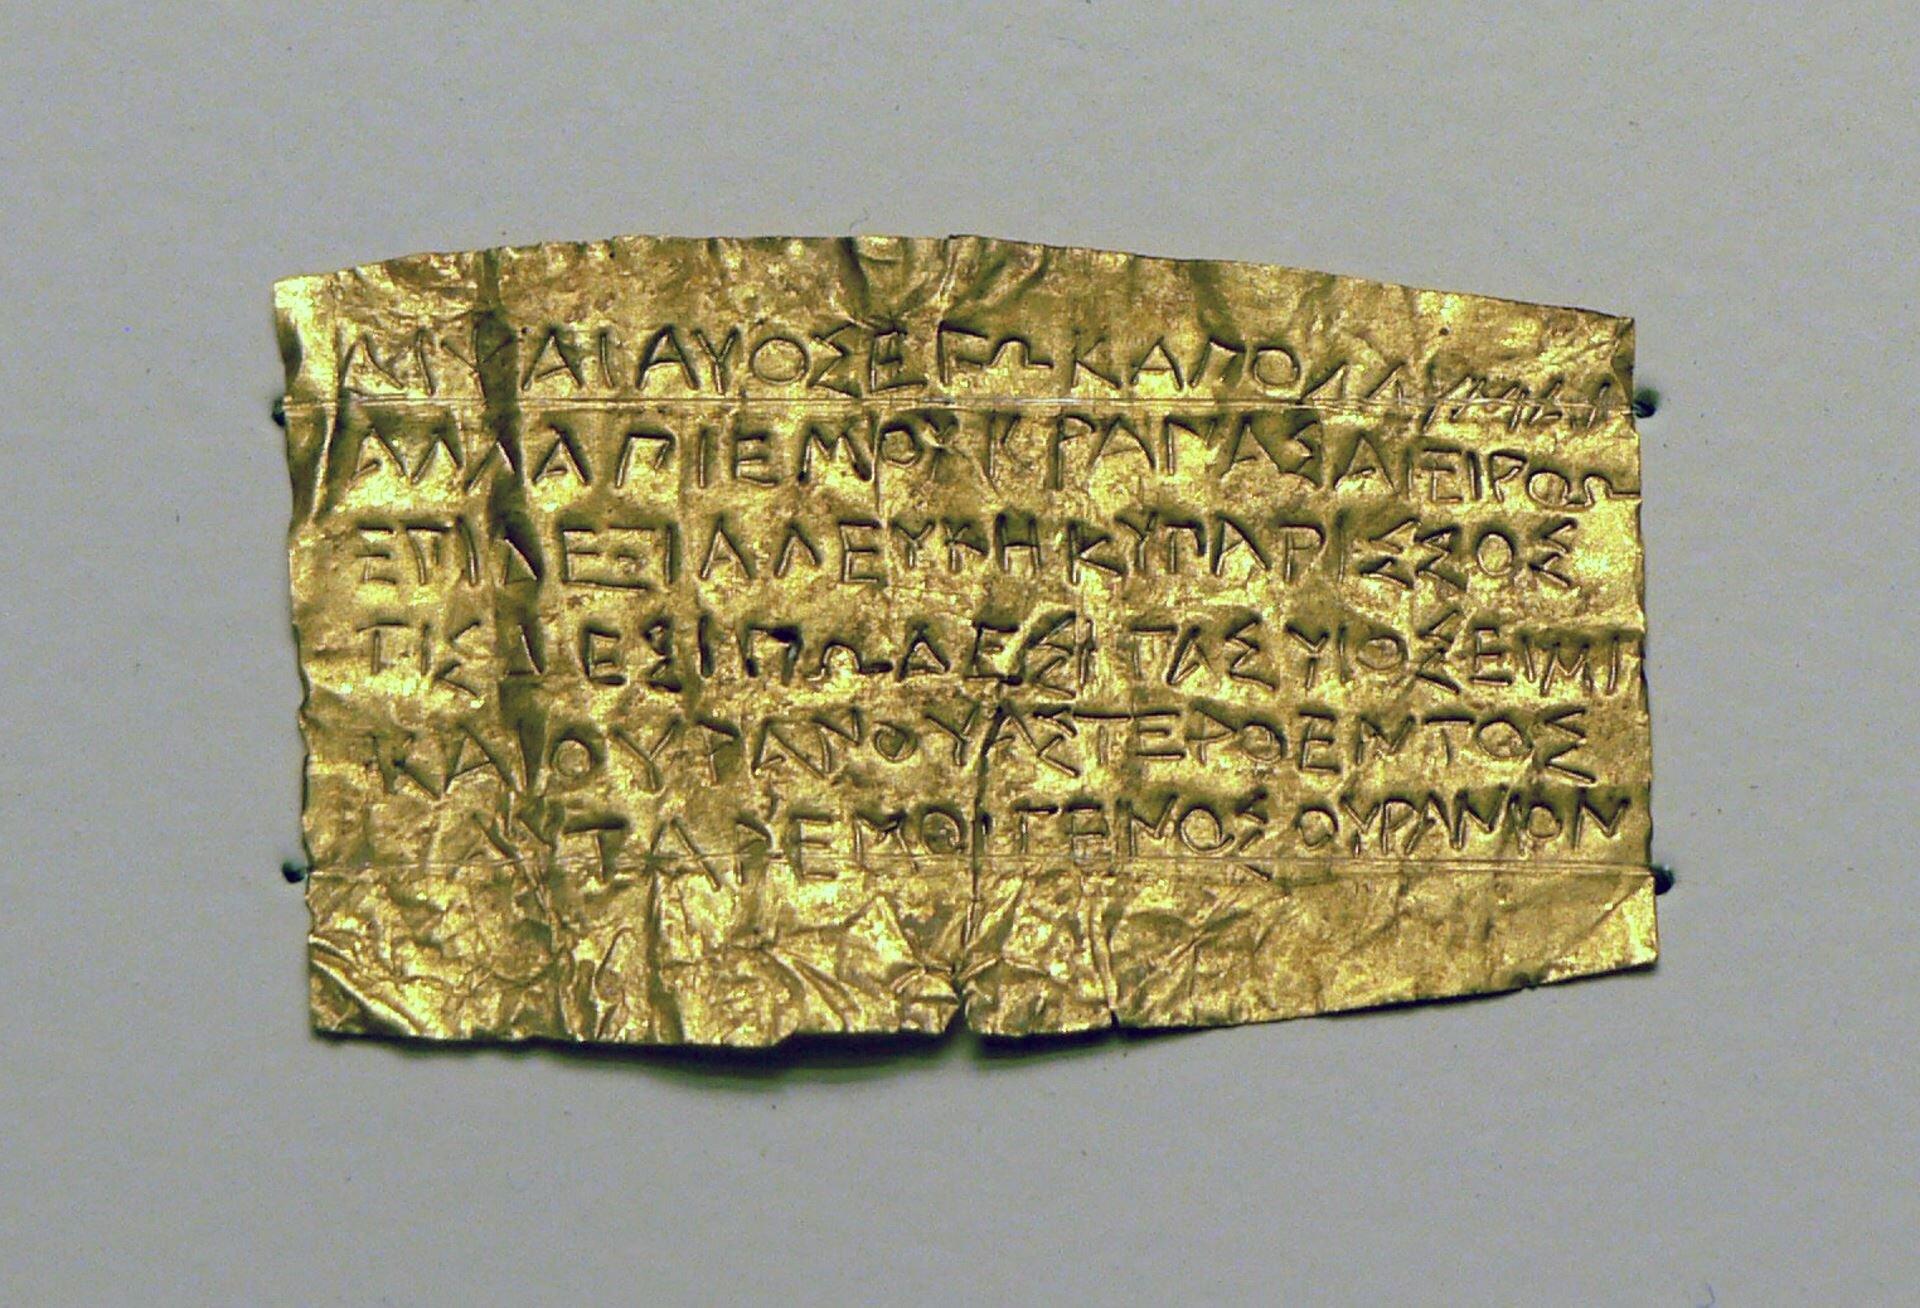 Fotografia przedstawia złotą tabliczkę orficka.